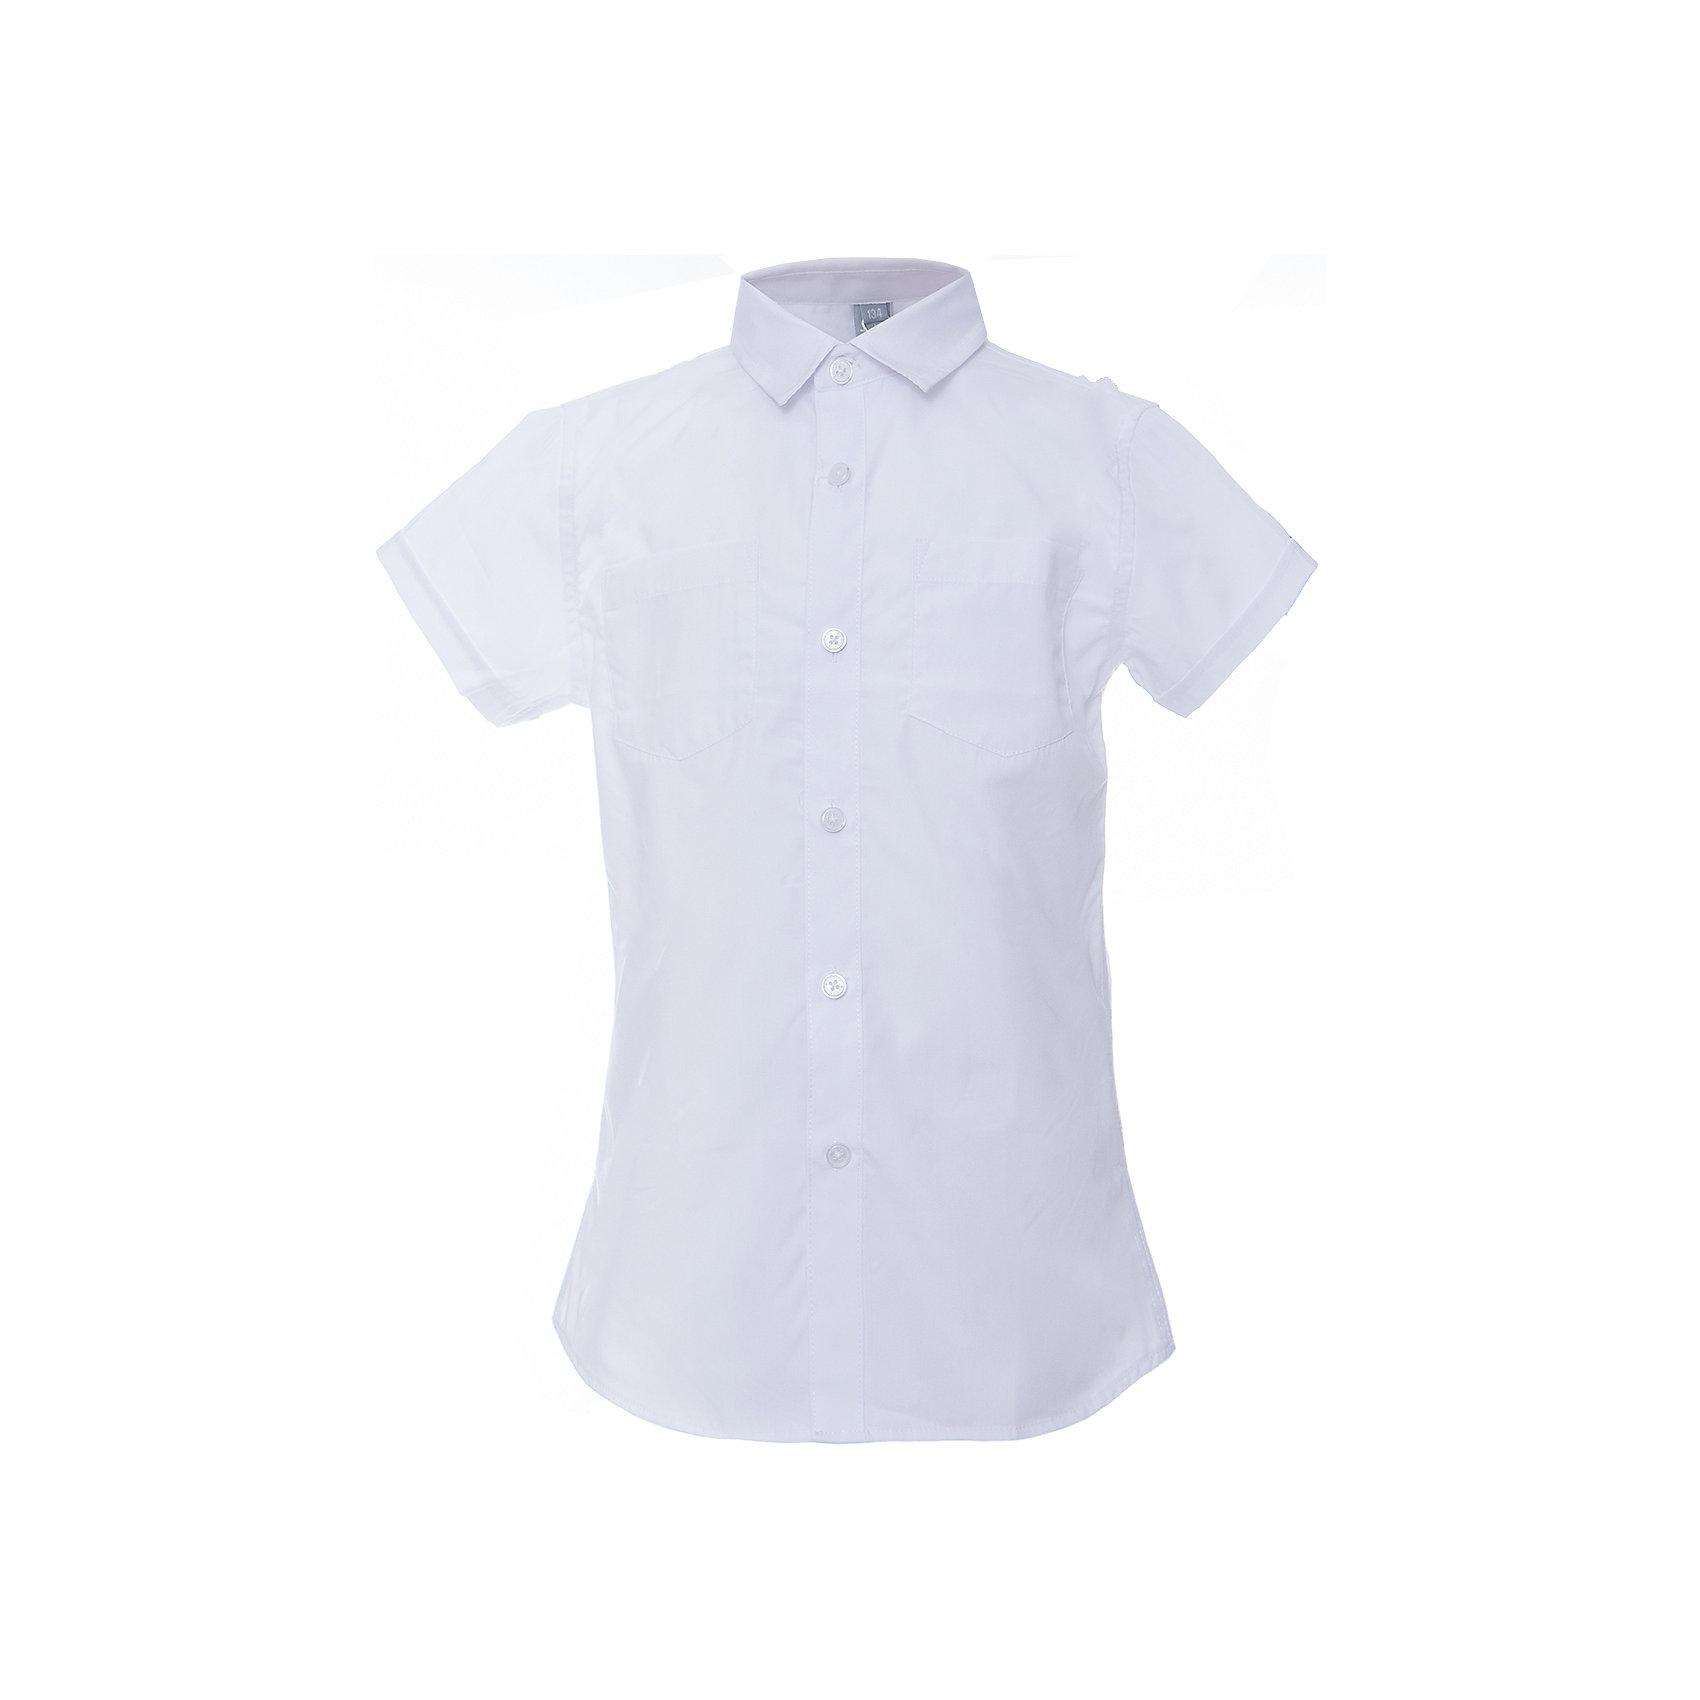 Рубашка для мальчика ScoolБлузки и рубашки<br>Рубашка для мальчика Scool<br>Сорочка с коротким рукавом в классическом стиле выполнена из приятной к телу смесовой ткани. Лекало этой модели полностью повторяет лекало модели для взрослого мужчины. Сорочка хорошо сочетается с костюмом в деловом стиле и джинсами.<br>Состав:<br>45% хлопок, 55% полиэстер<br><br>Ширина мм: 174<br>Глубина мм: 10<br>Высота мм: 169<br>Вес г: 157<br>Цвет: белый<br>Возраст от месяцев: 156<br>Возраст до месяцев: 168<br>Пол: Мужской<br>Возраст: Детский<br>Размер: 164,122,128,134,140,146,152,158<br>SKU: 6754489